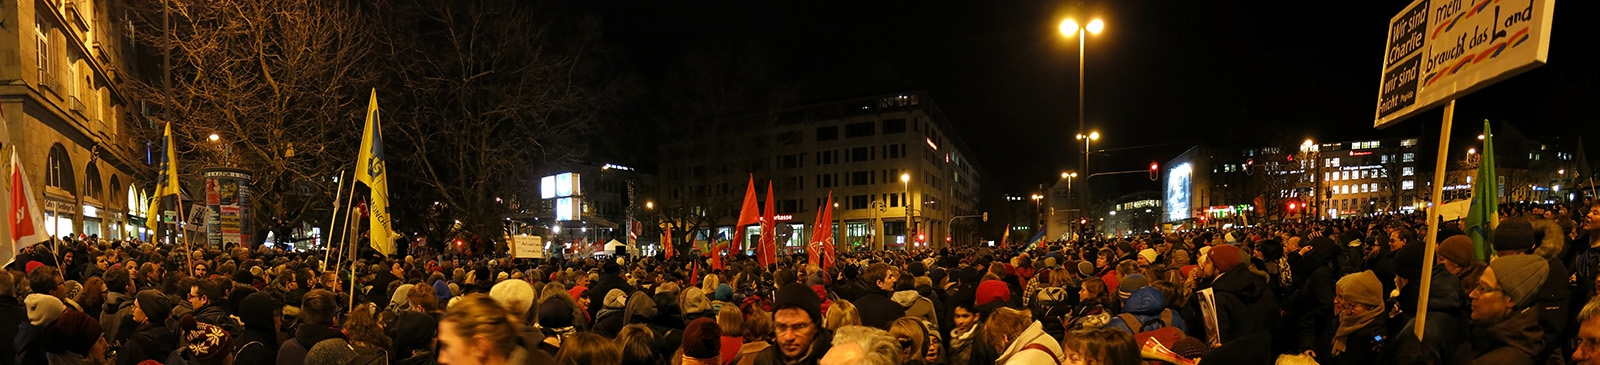 Massenveranstaltung<br>Rund 20000 Menschen rund um das Sendlinger Tor - das hat es in München lange nicht mehr gegeben.